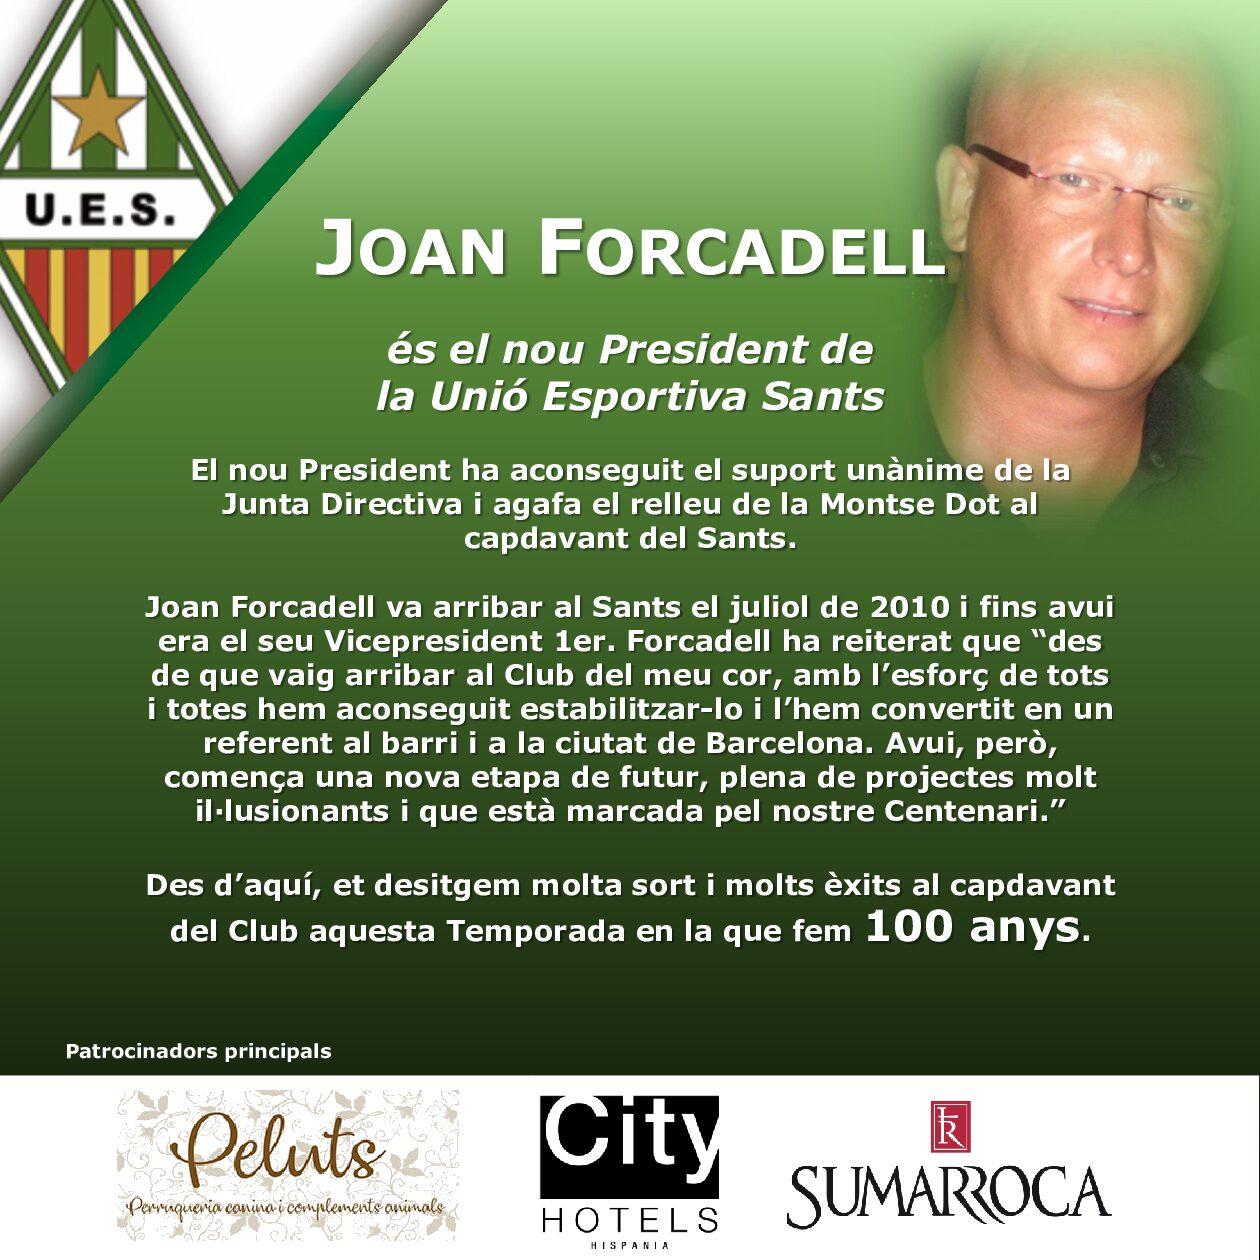 Joan Forcadell és el nou President de la Unió Esportiva Sants.